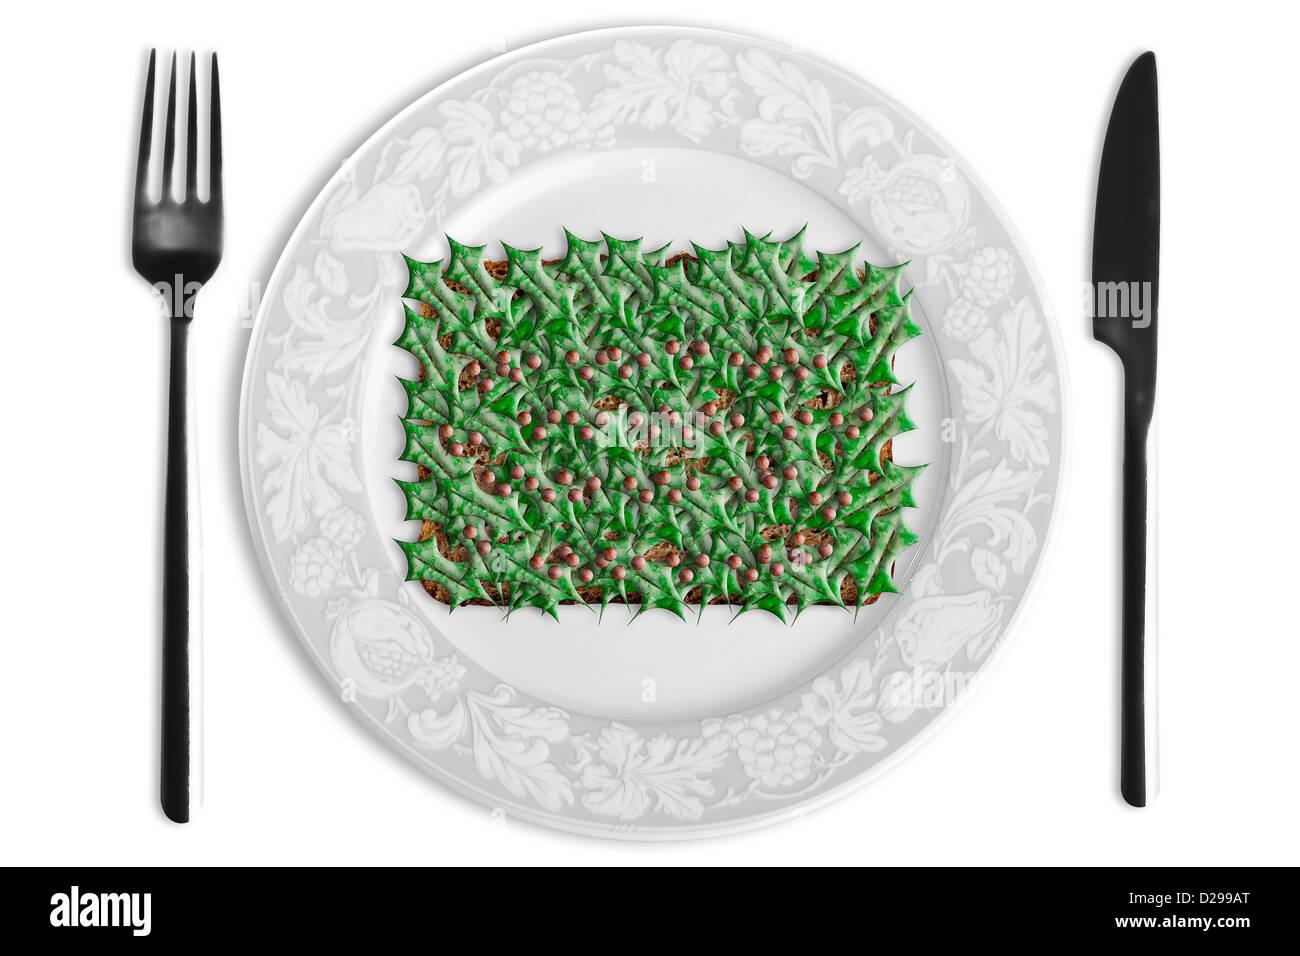 Sándwich abierto con holly sintético Imagen De Stock